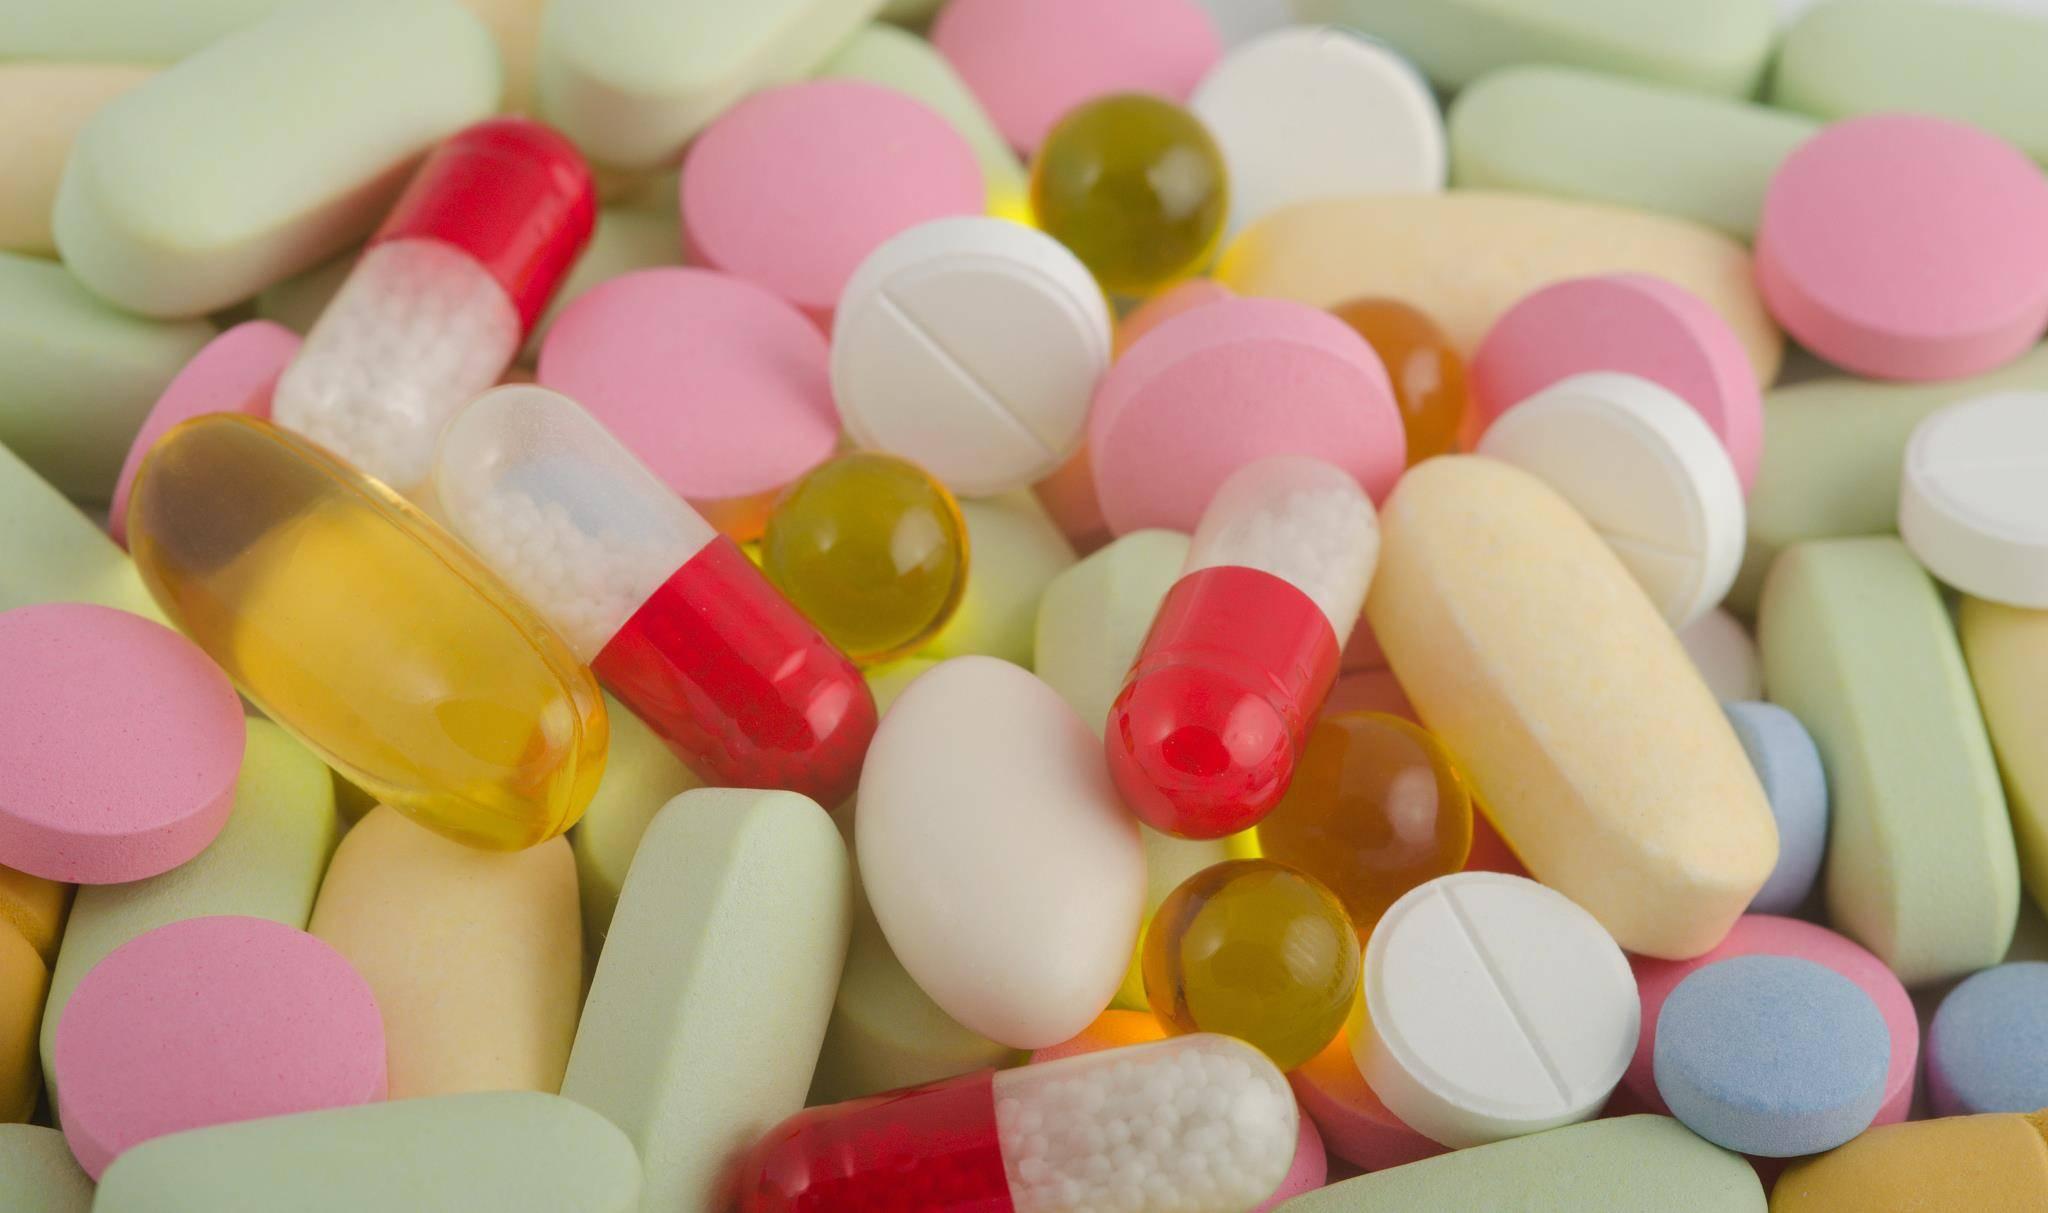 央视已曝光!这些保健品损害肝肾,很多人都吃,快看家里有没有!  国家为什么不推广补肽